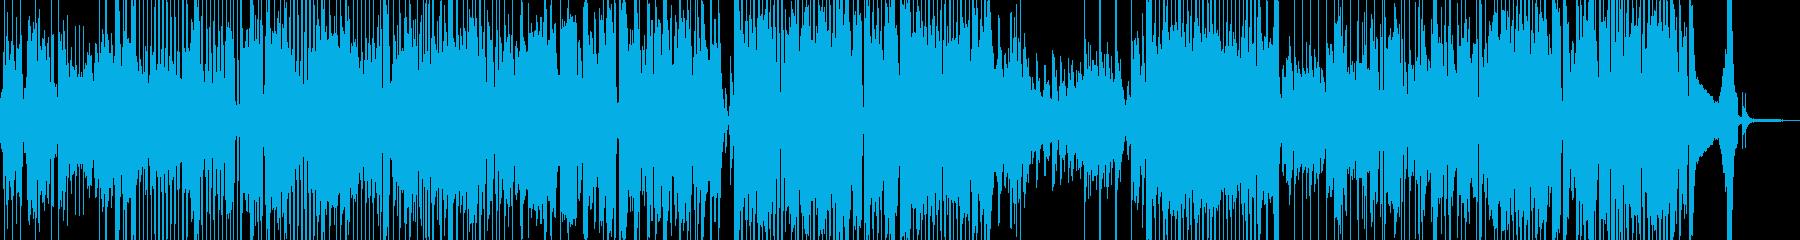 前向きで明るい気持ちになるジャズ 短尺の再生済みの波形